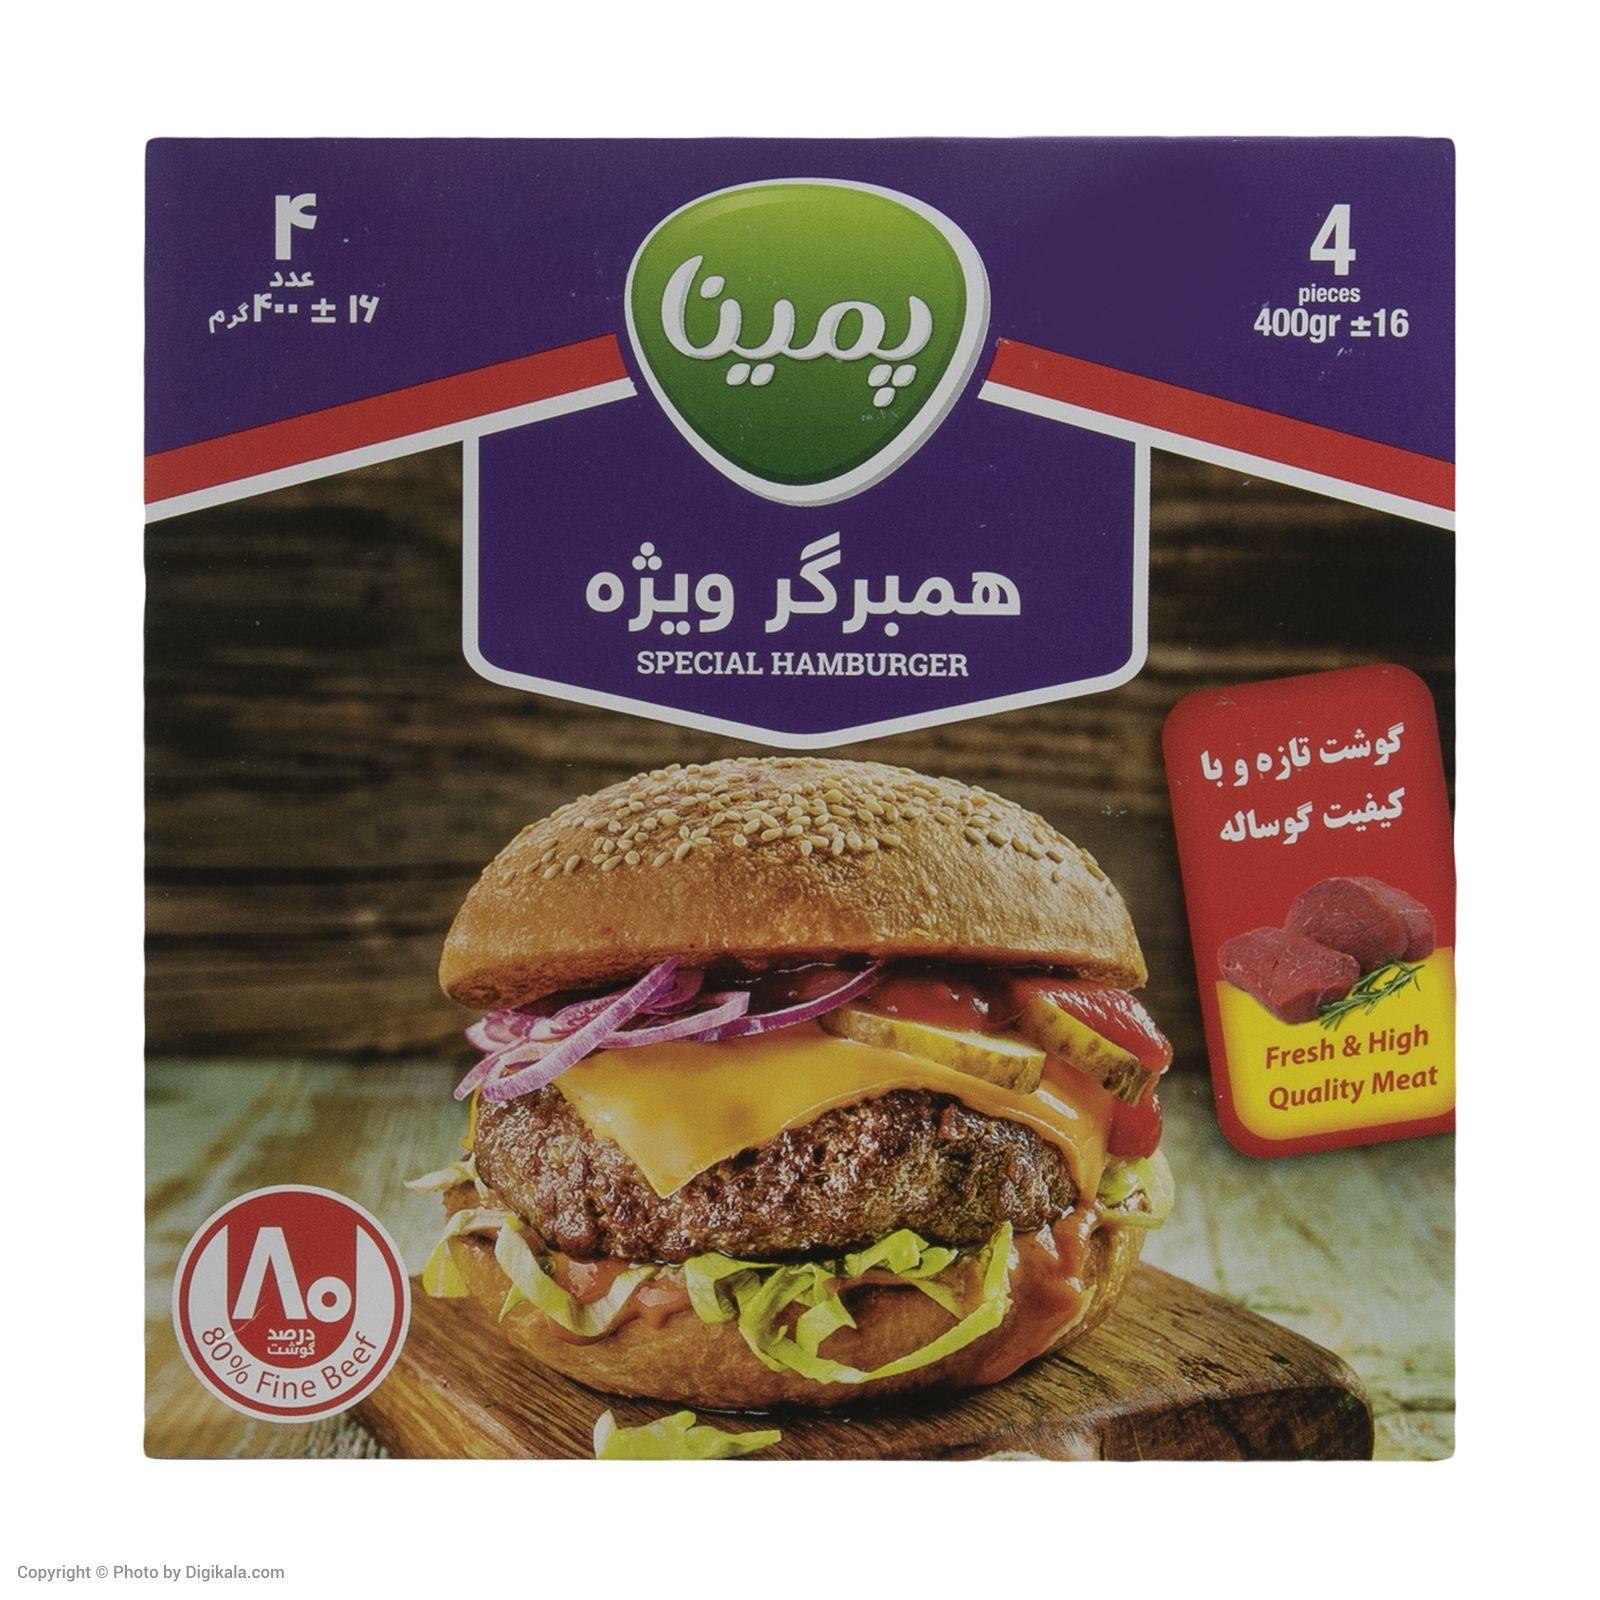 همبرگر ویژه 80 درصد منجمد پمینا - 400 گرم main 1 1